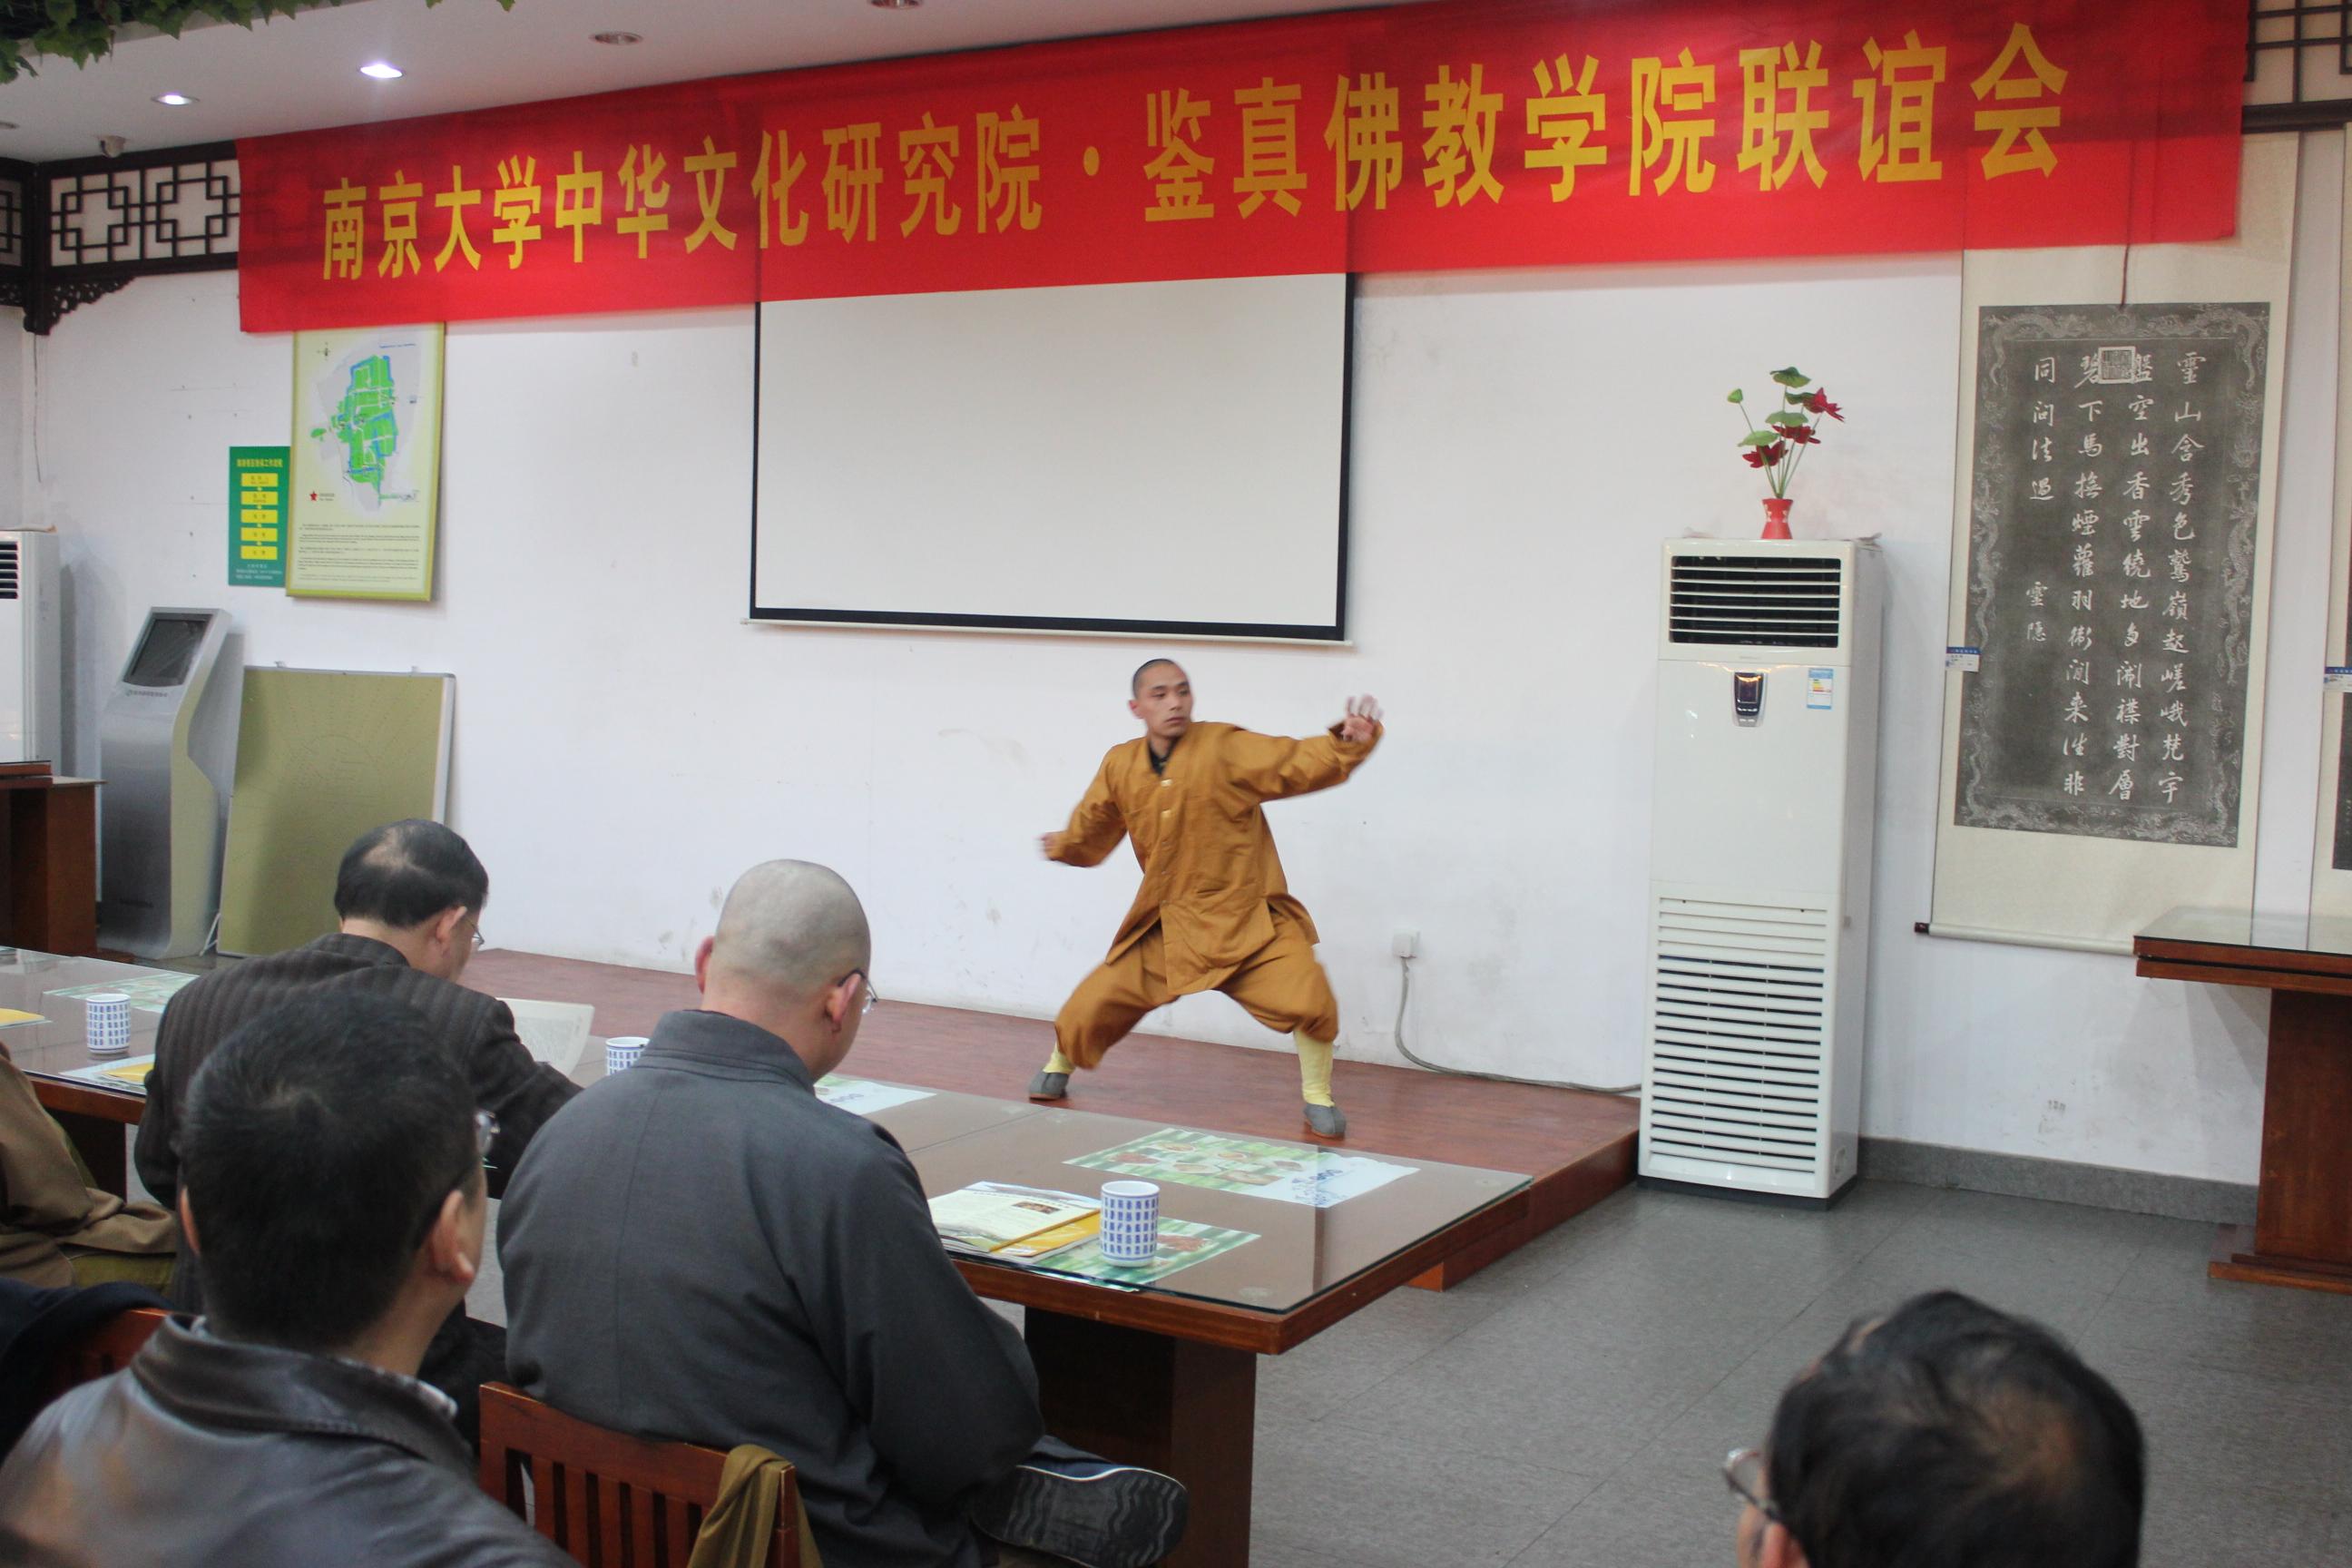 武术陈式太极拳,南拳,八卦掌,英语朗诵《心经》,古琴独奏《卧龙吟》图片